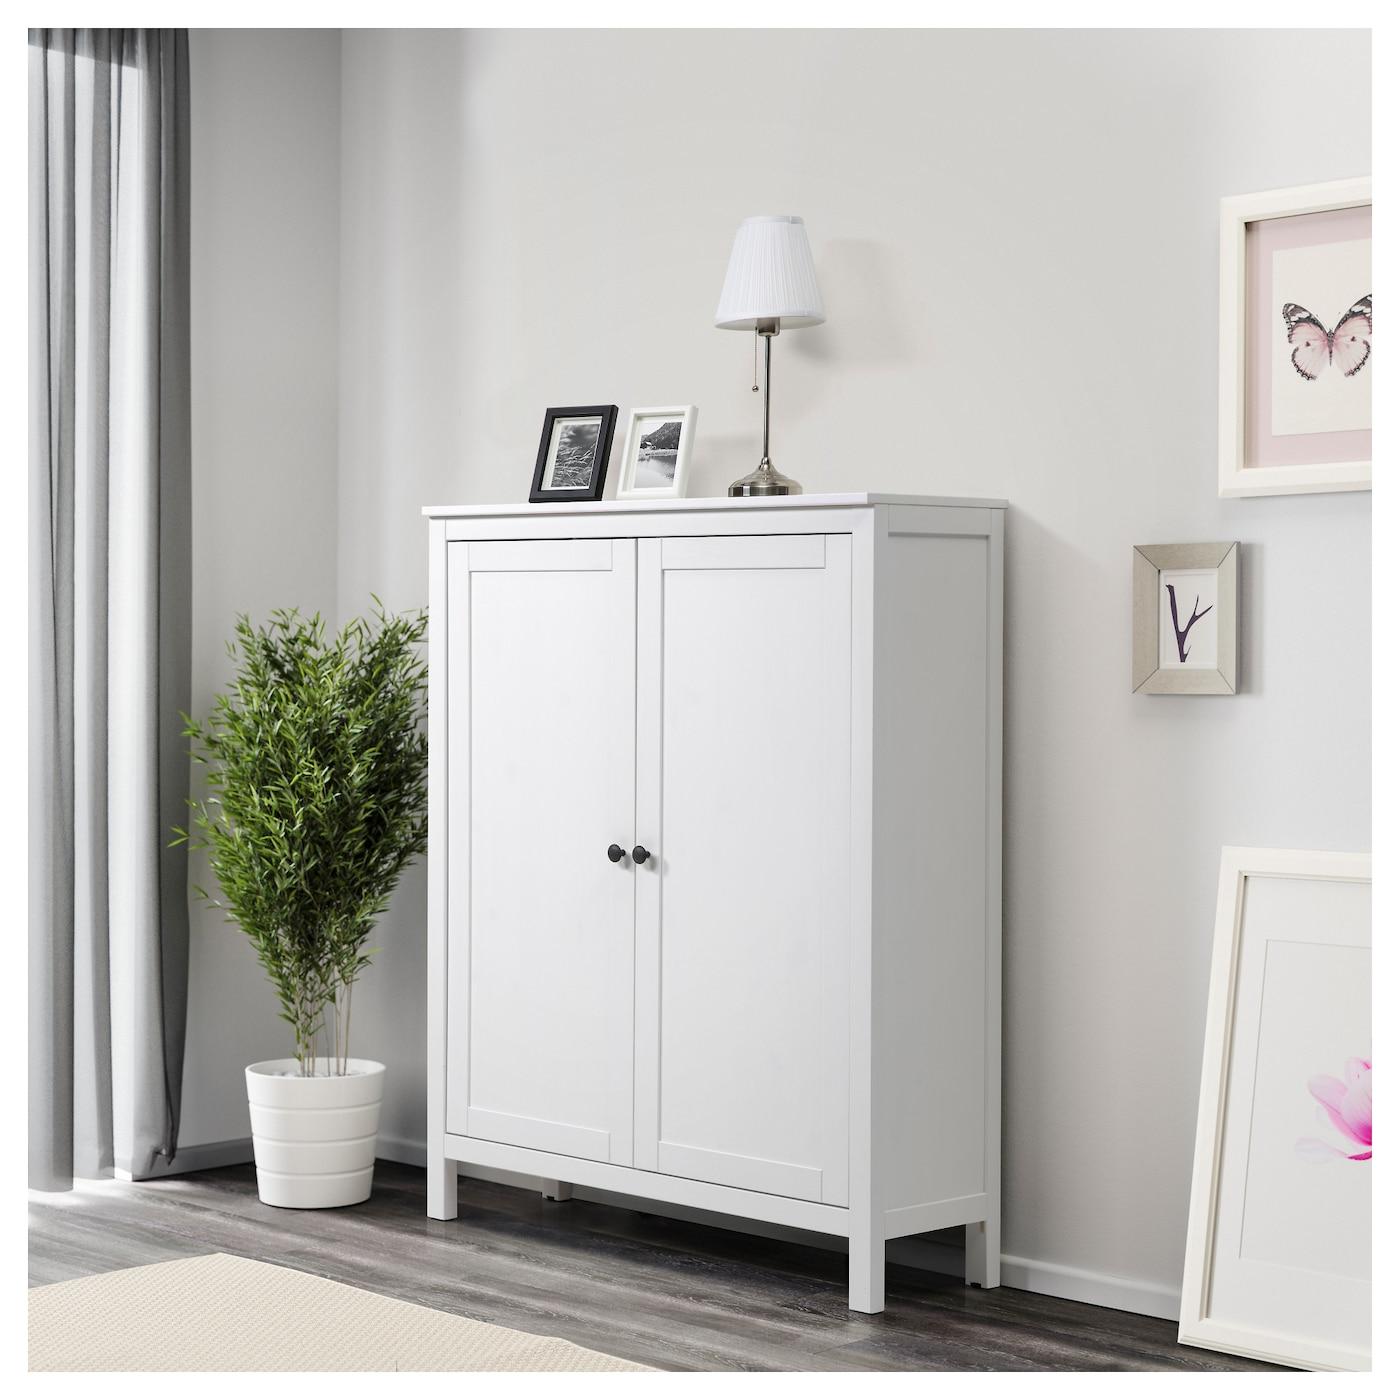 Ikea Wood Kitchen Cabinet Doors